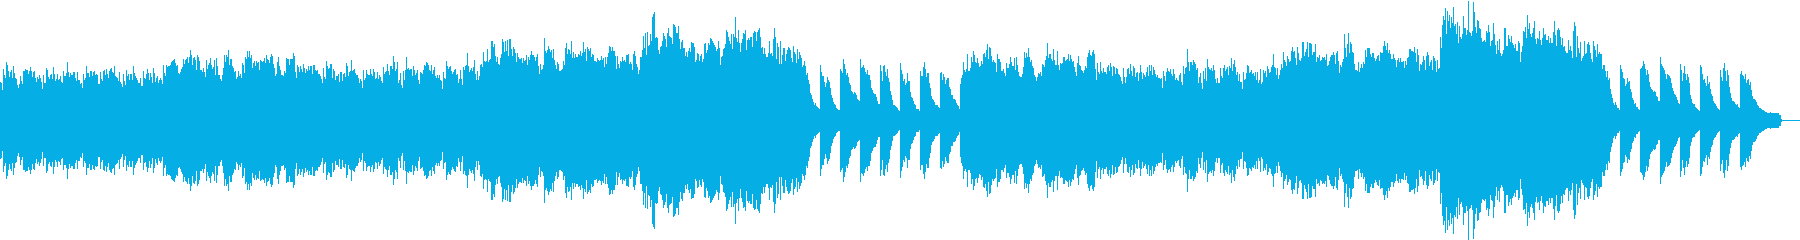 ノスタルジックなヒーリングの再生済みの波形